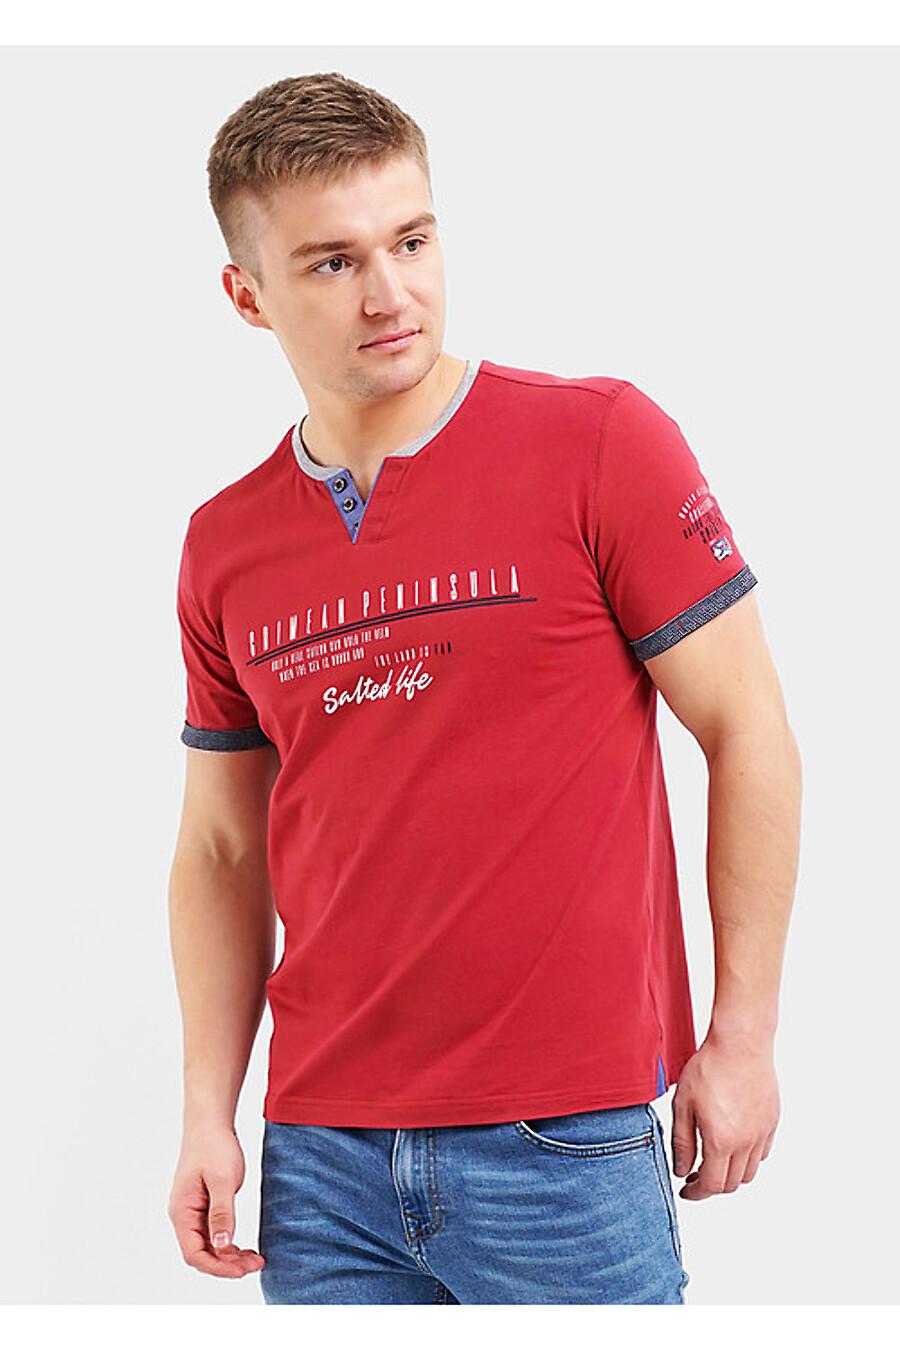 Футболка для мужчин CLEVER 169375 купить оптом от производителя. Совместная покупка мужской одежды в OptMoyo